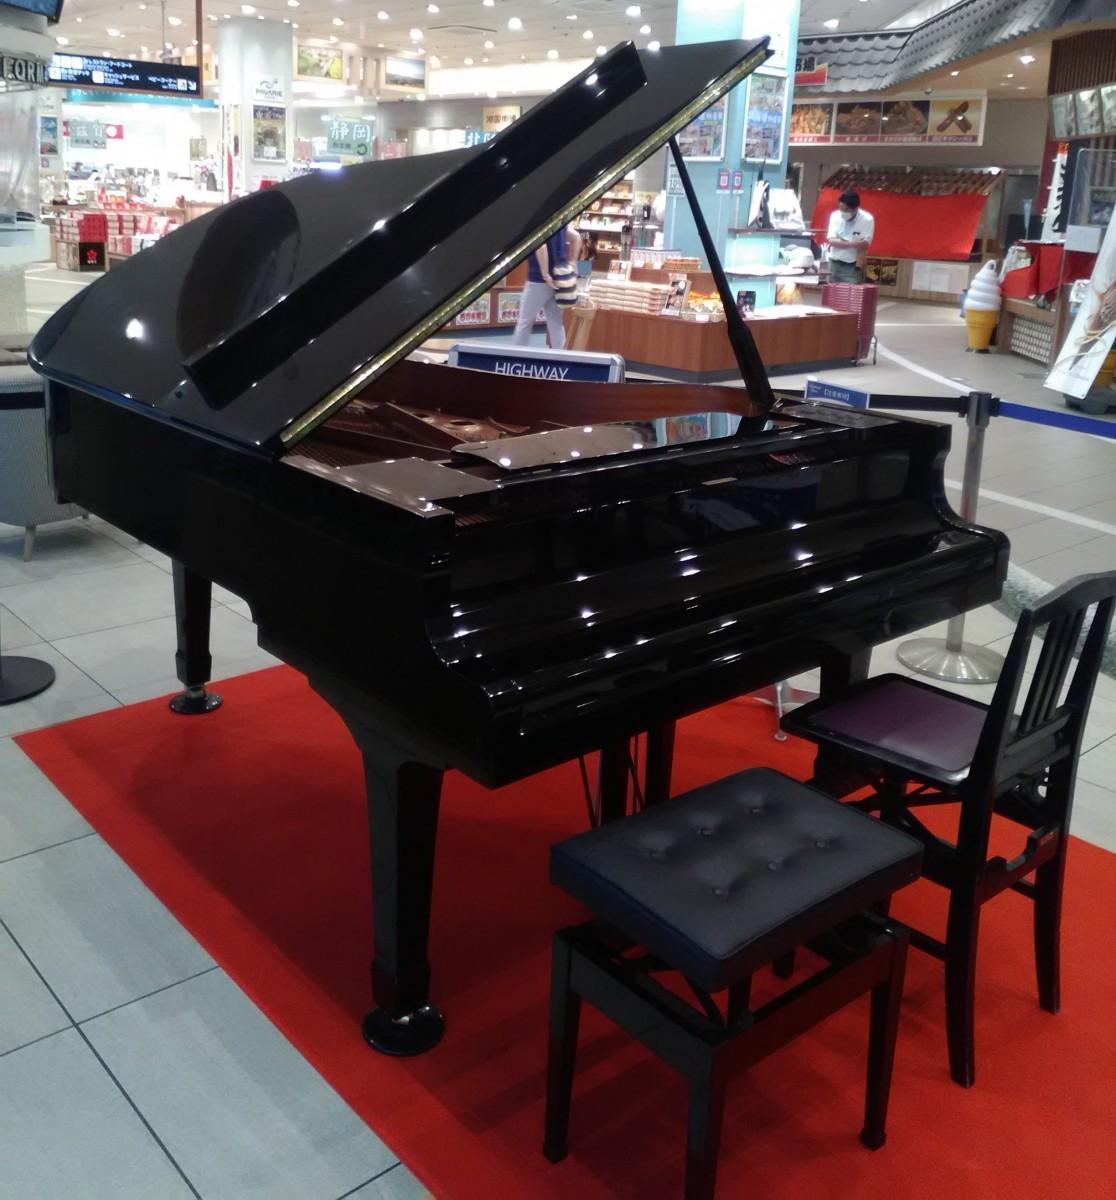 大津サービスエリアに設置された「ハイウェイピアノ」